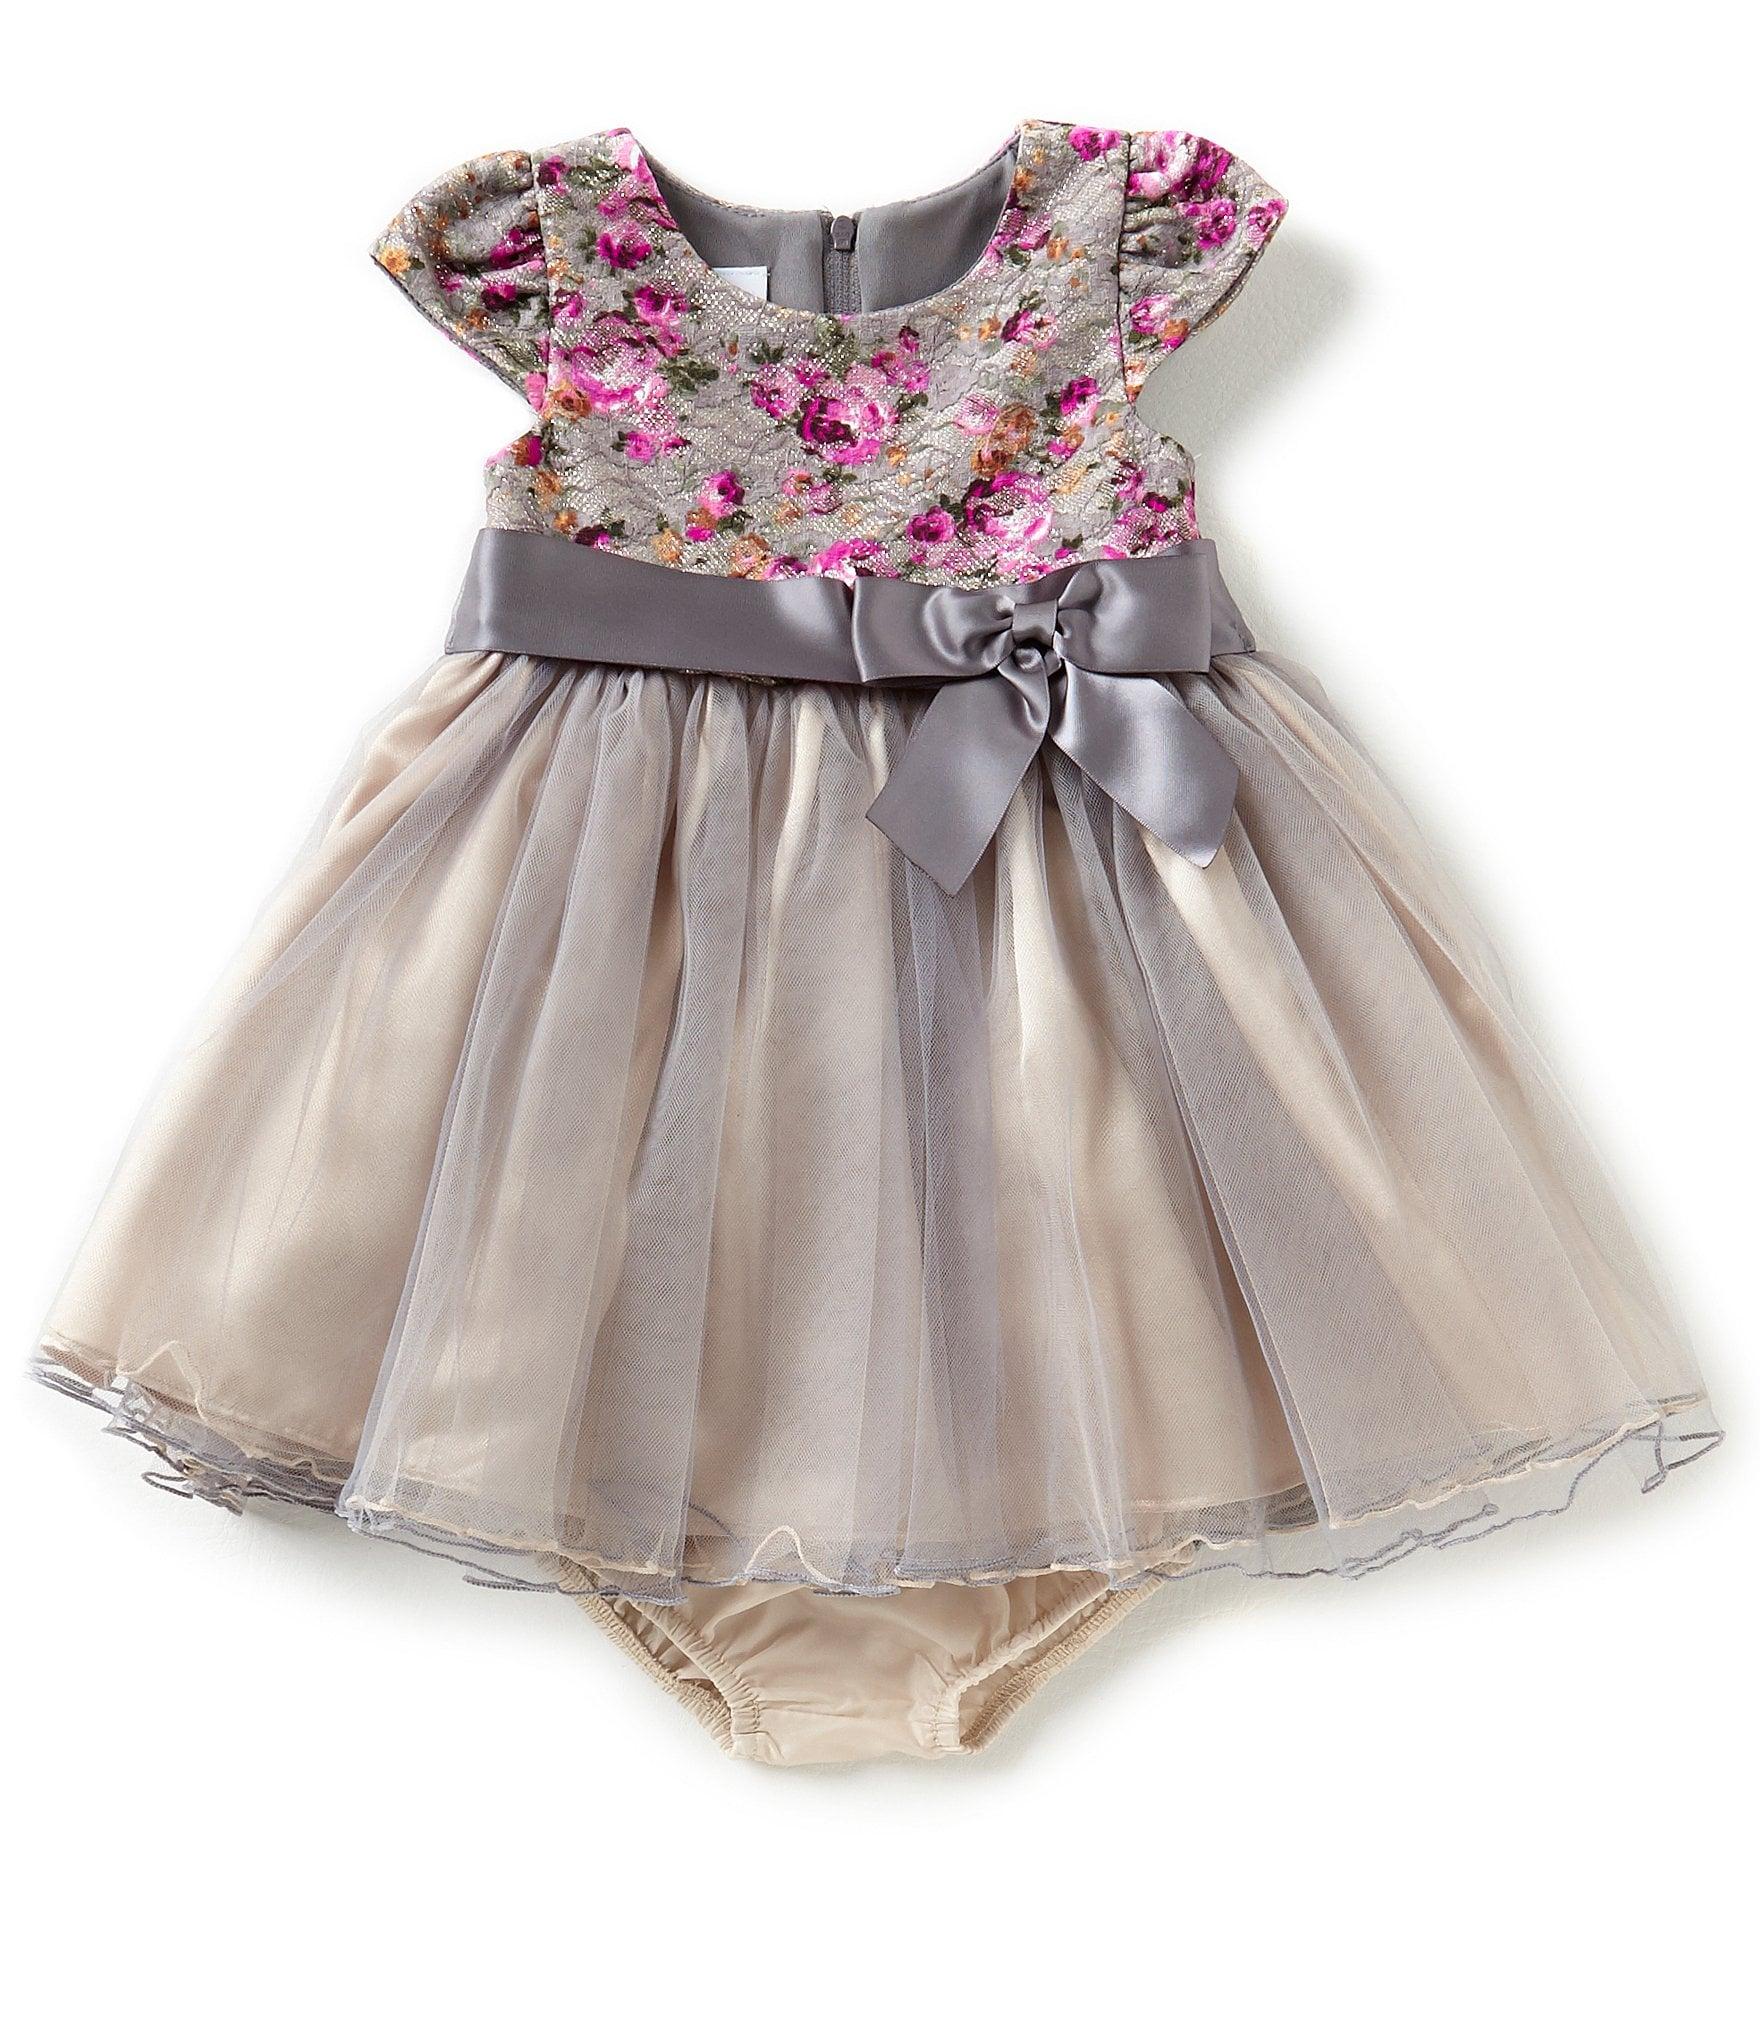 Bonnie Jean Baby Girls Newborn 24 Months Floral Lace